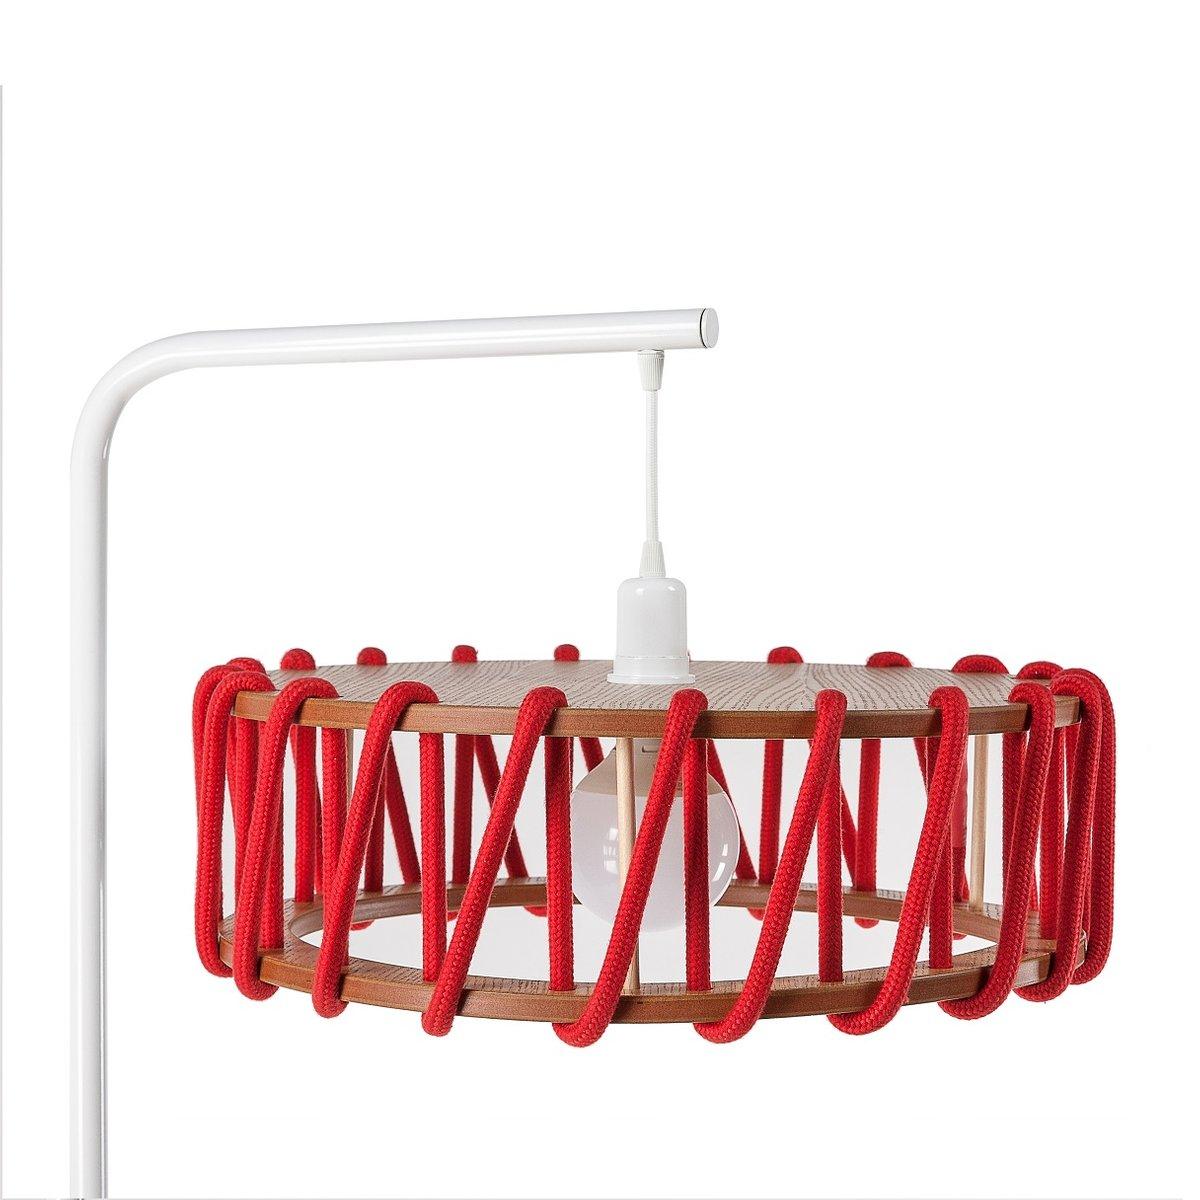 wei e macaron stehlampe mit gro em roten schirm von silvia ce al f r emko bei pamono kaufen. Black Bedroom Furniture Sets. Home Design Ideas